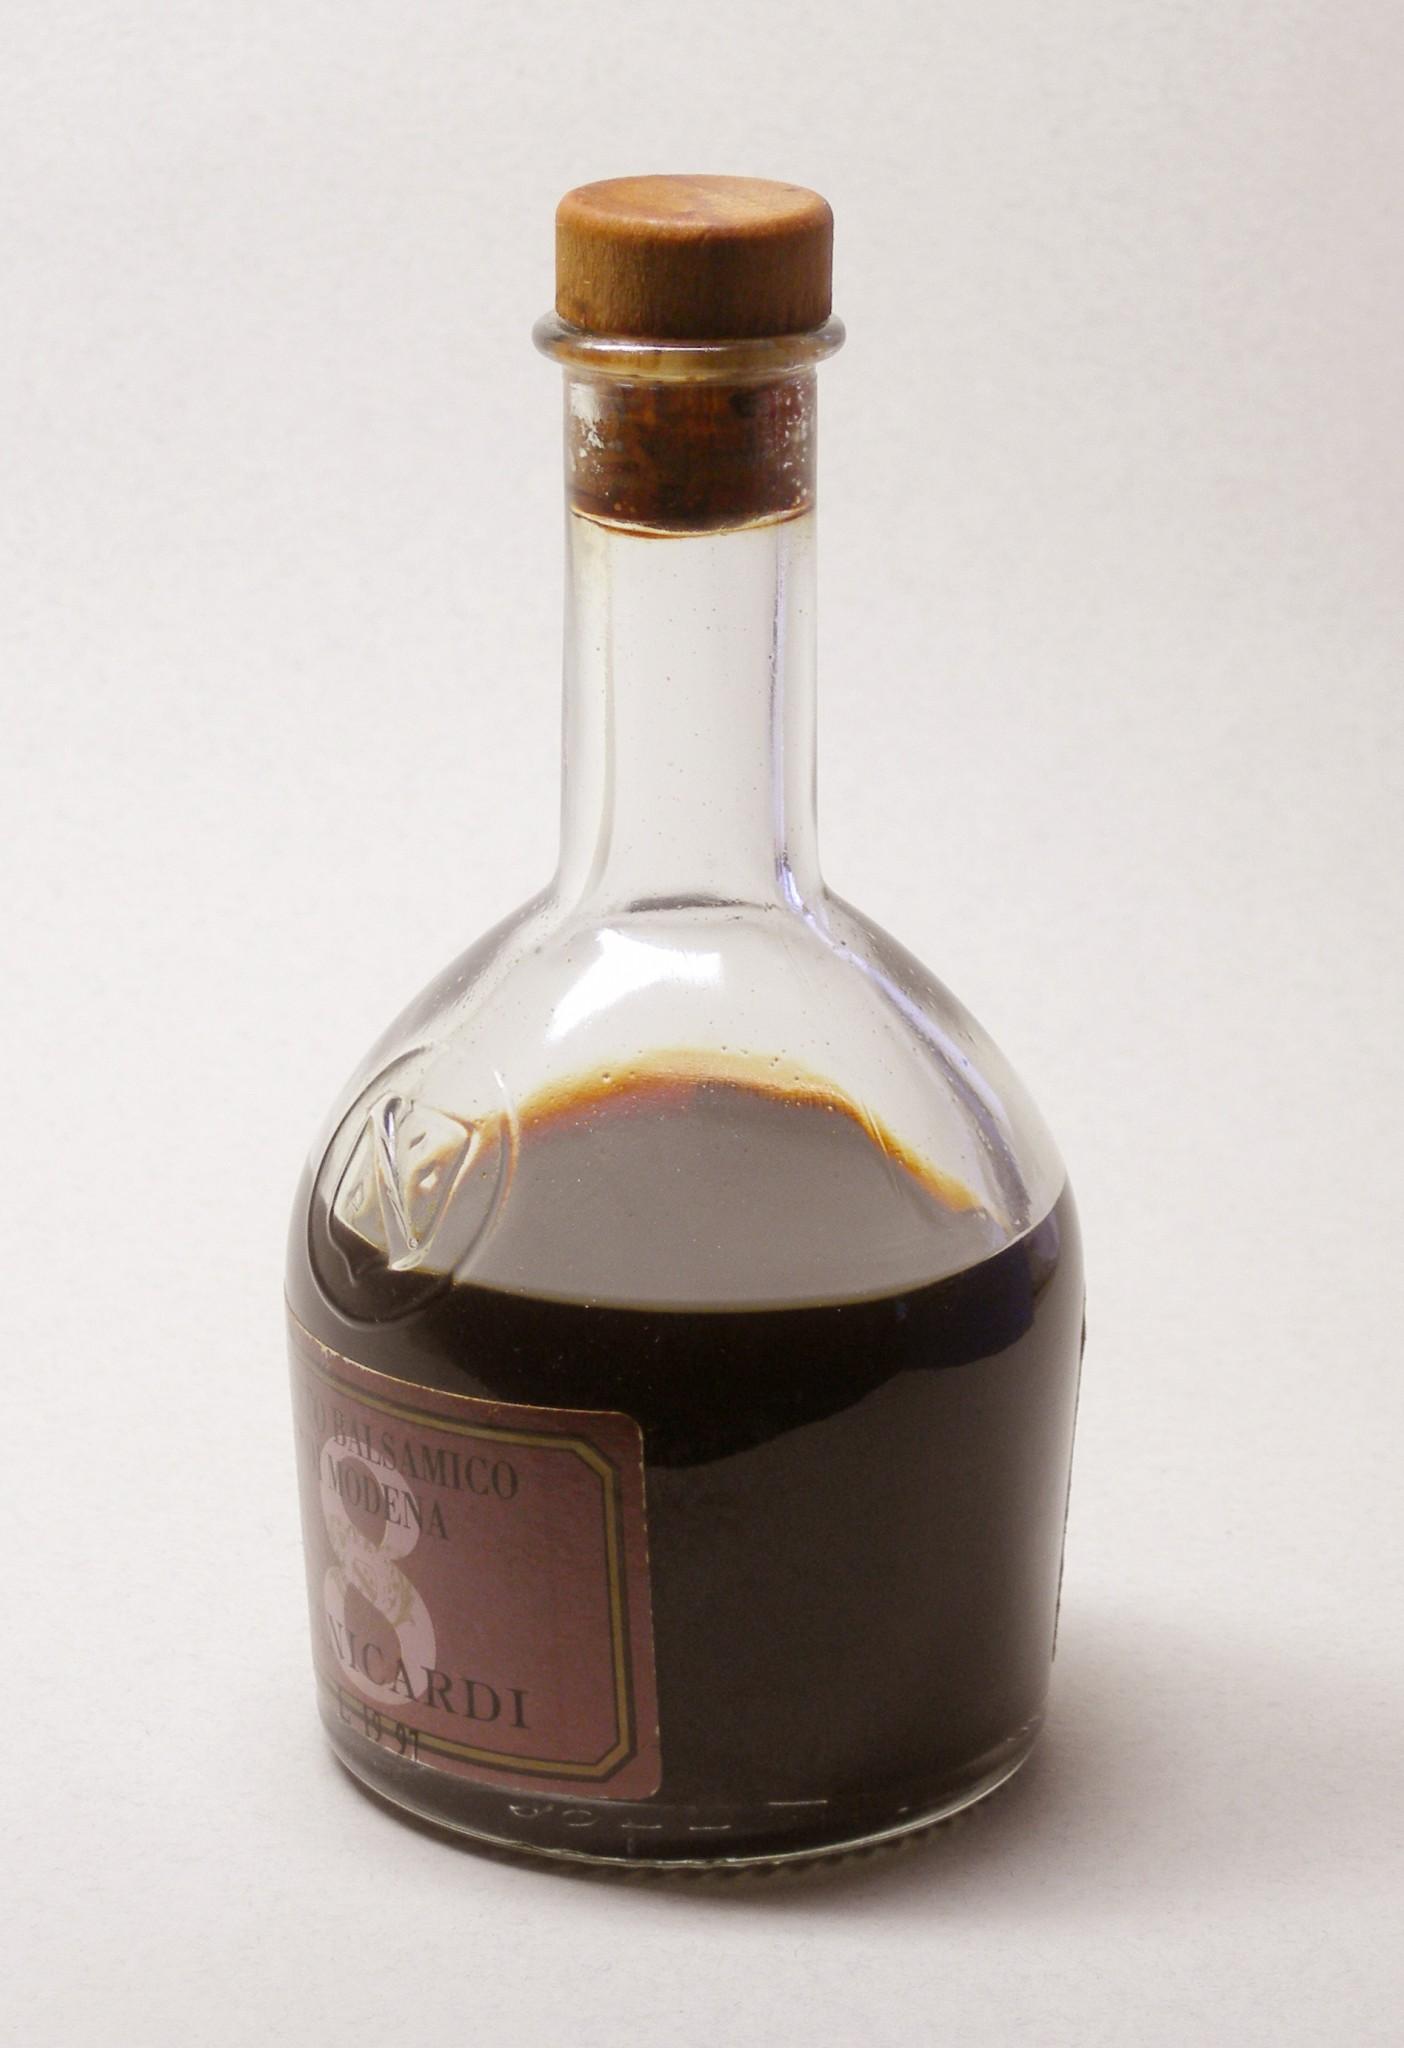 balsamic vinegar on paleo diet